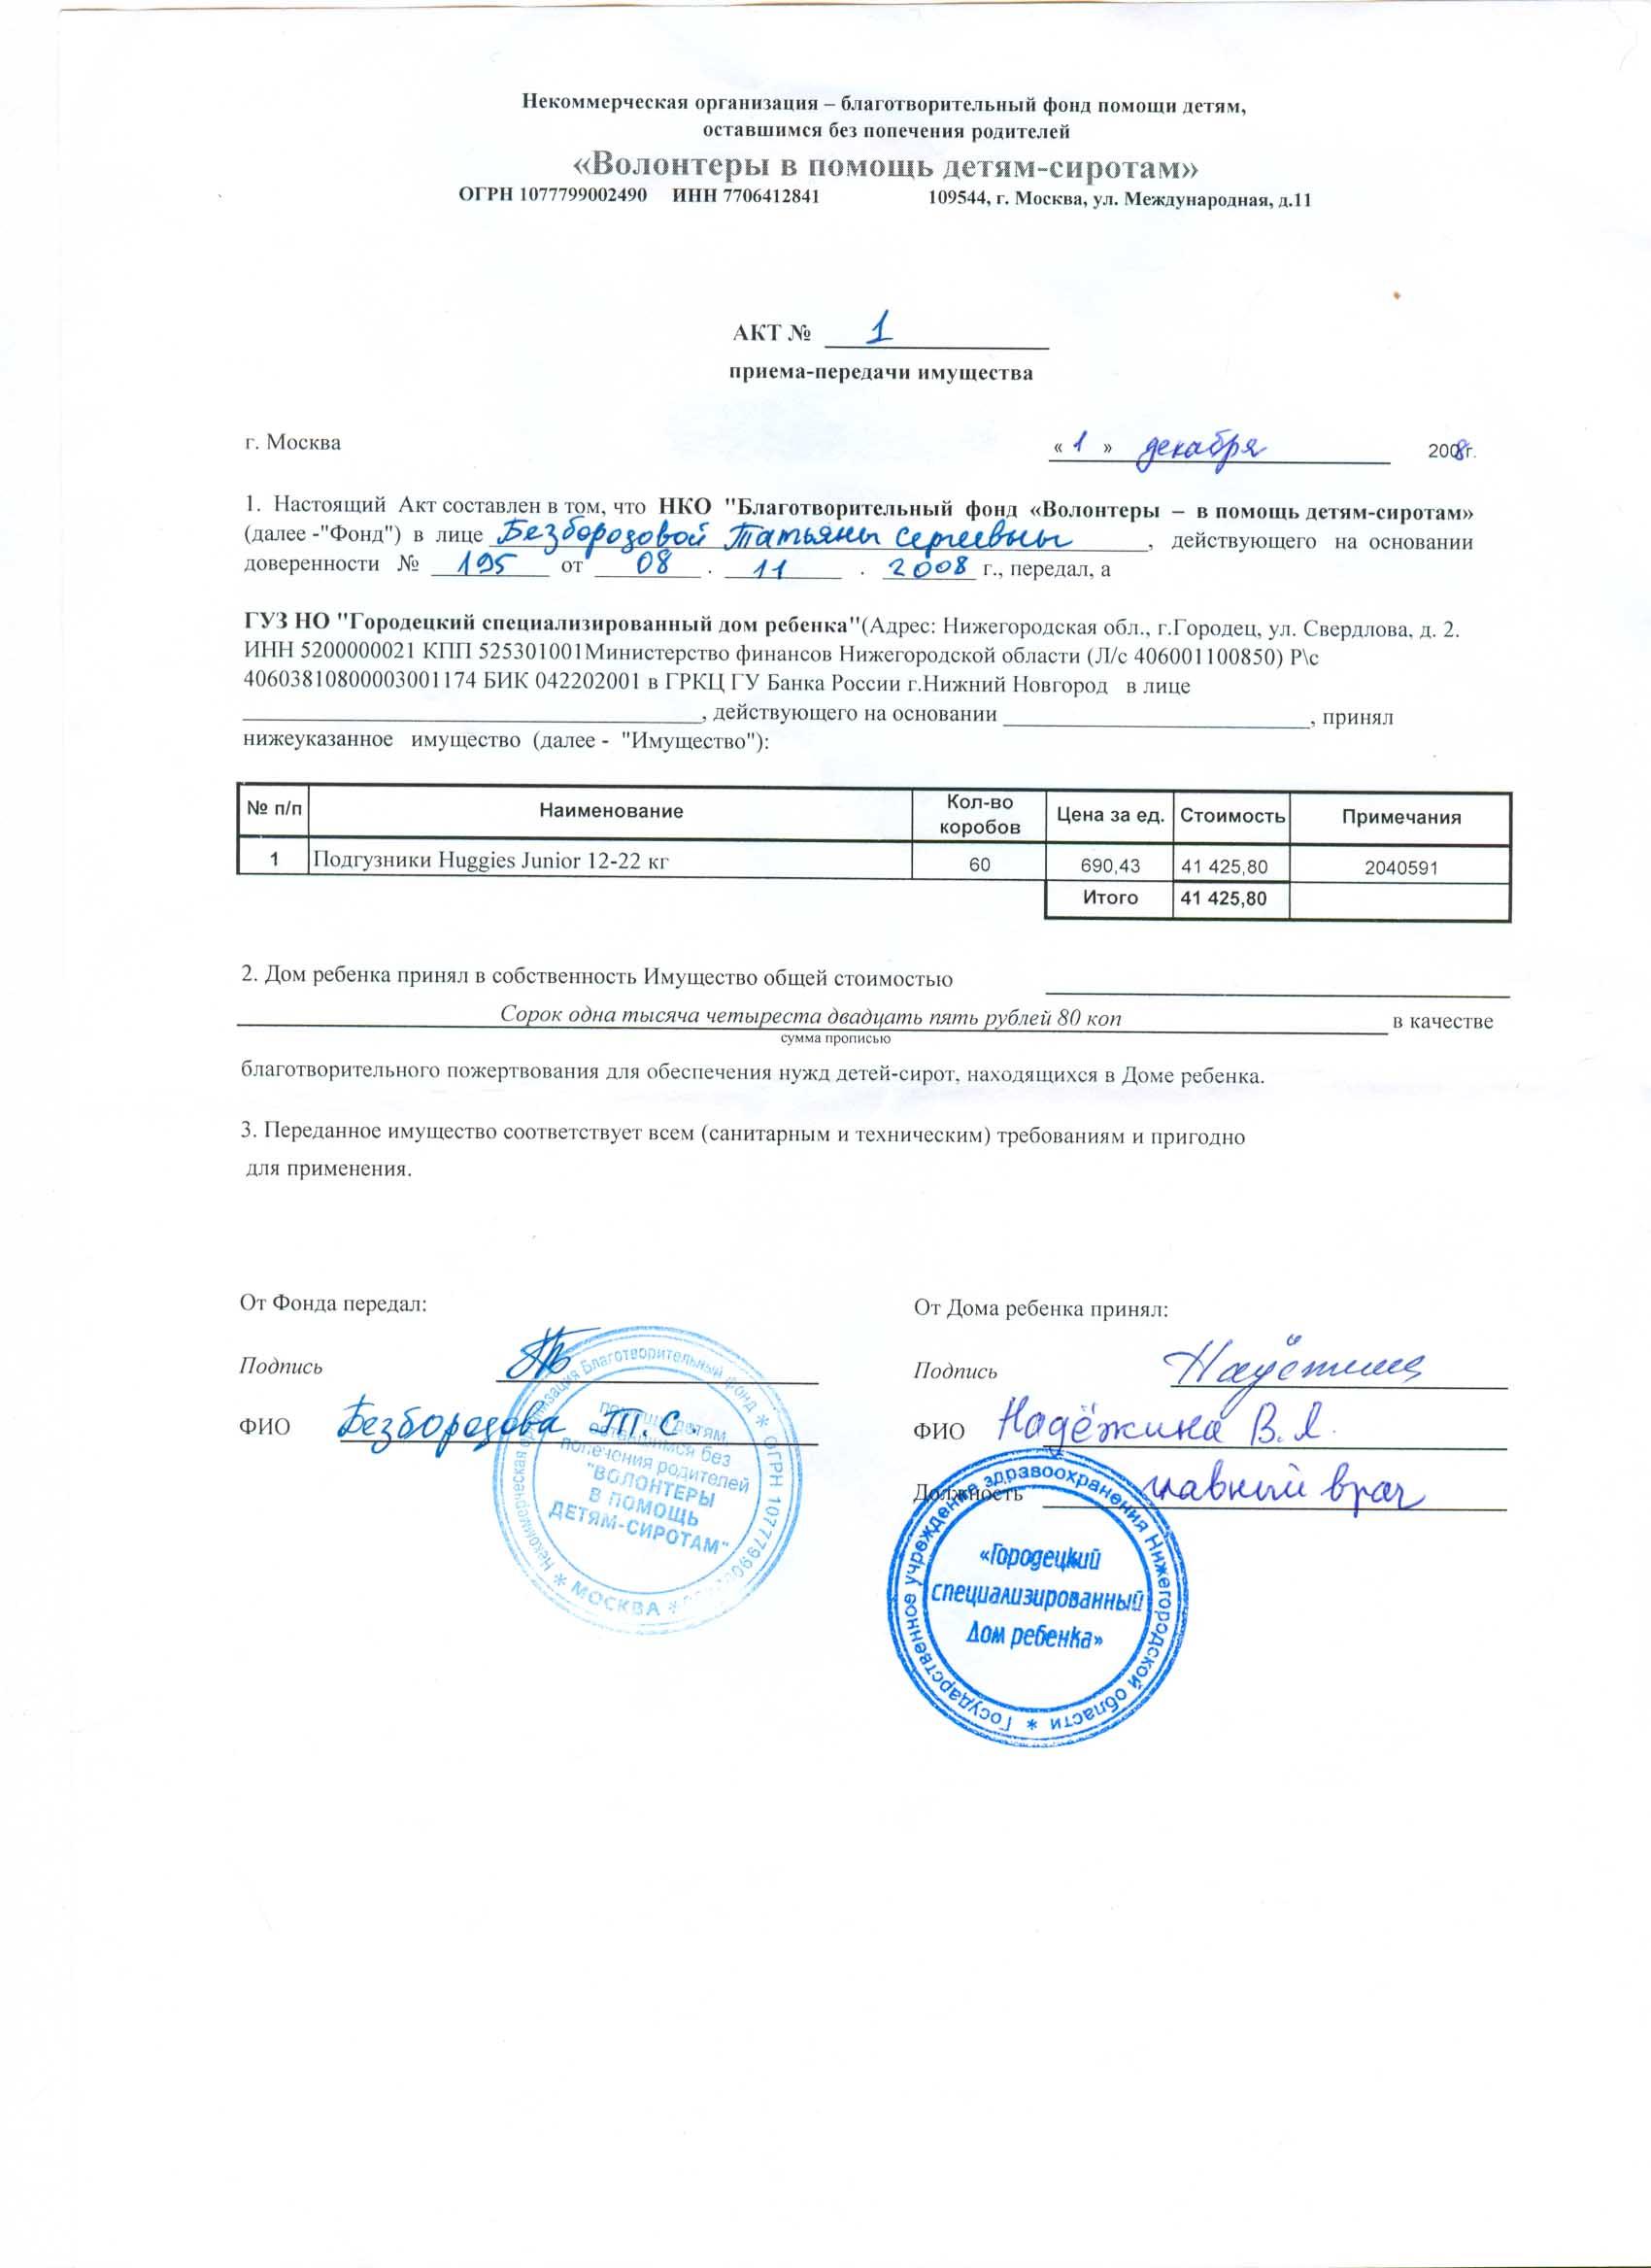 Подача заявления о включении в реестр требований кредиторов.